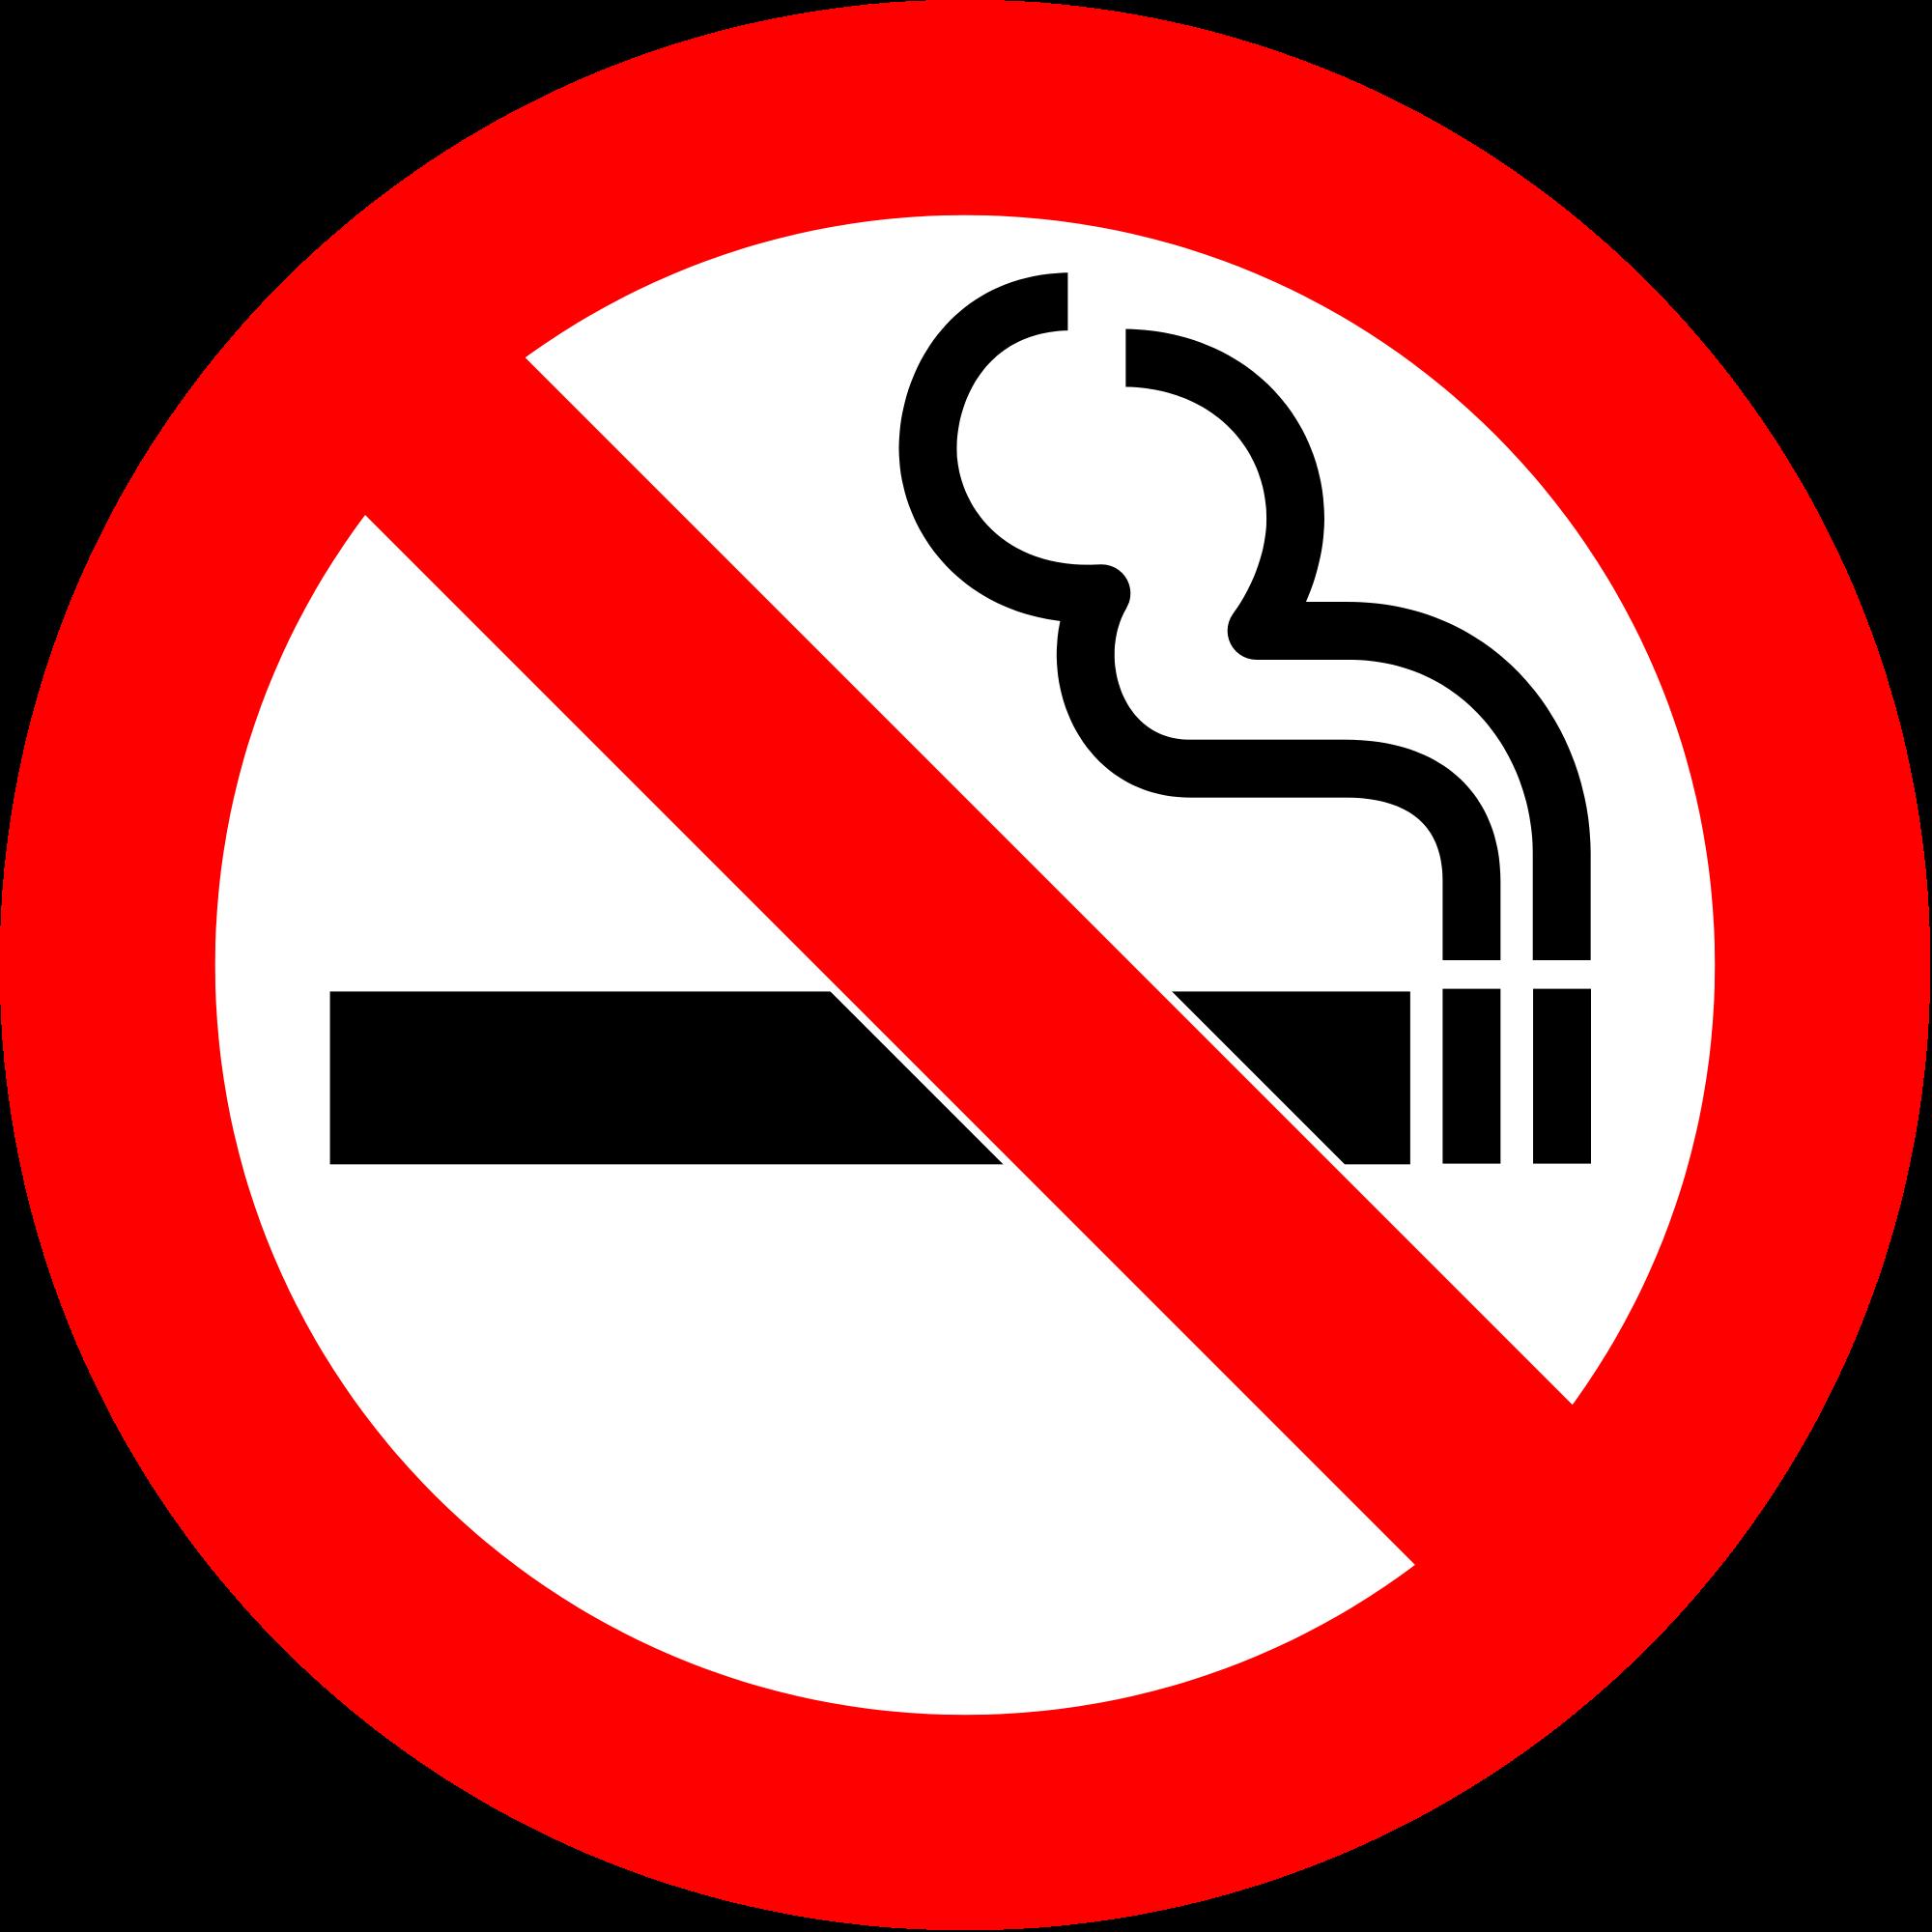 Διακοπή καπνίσματος